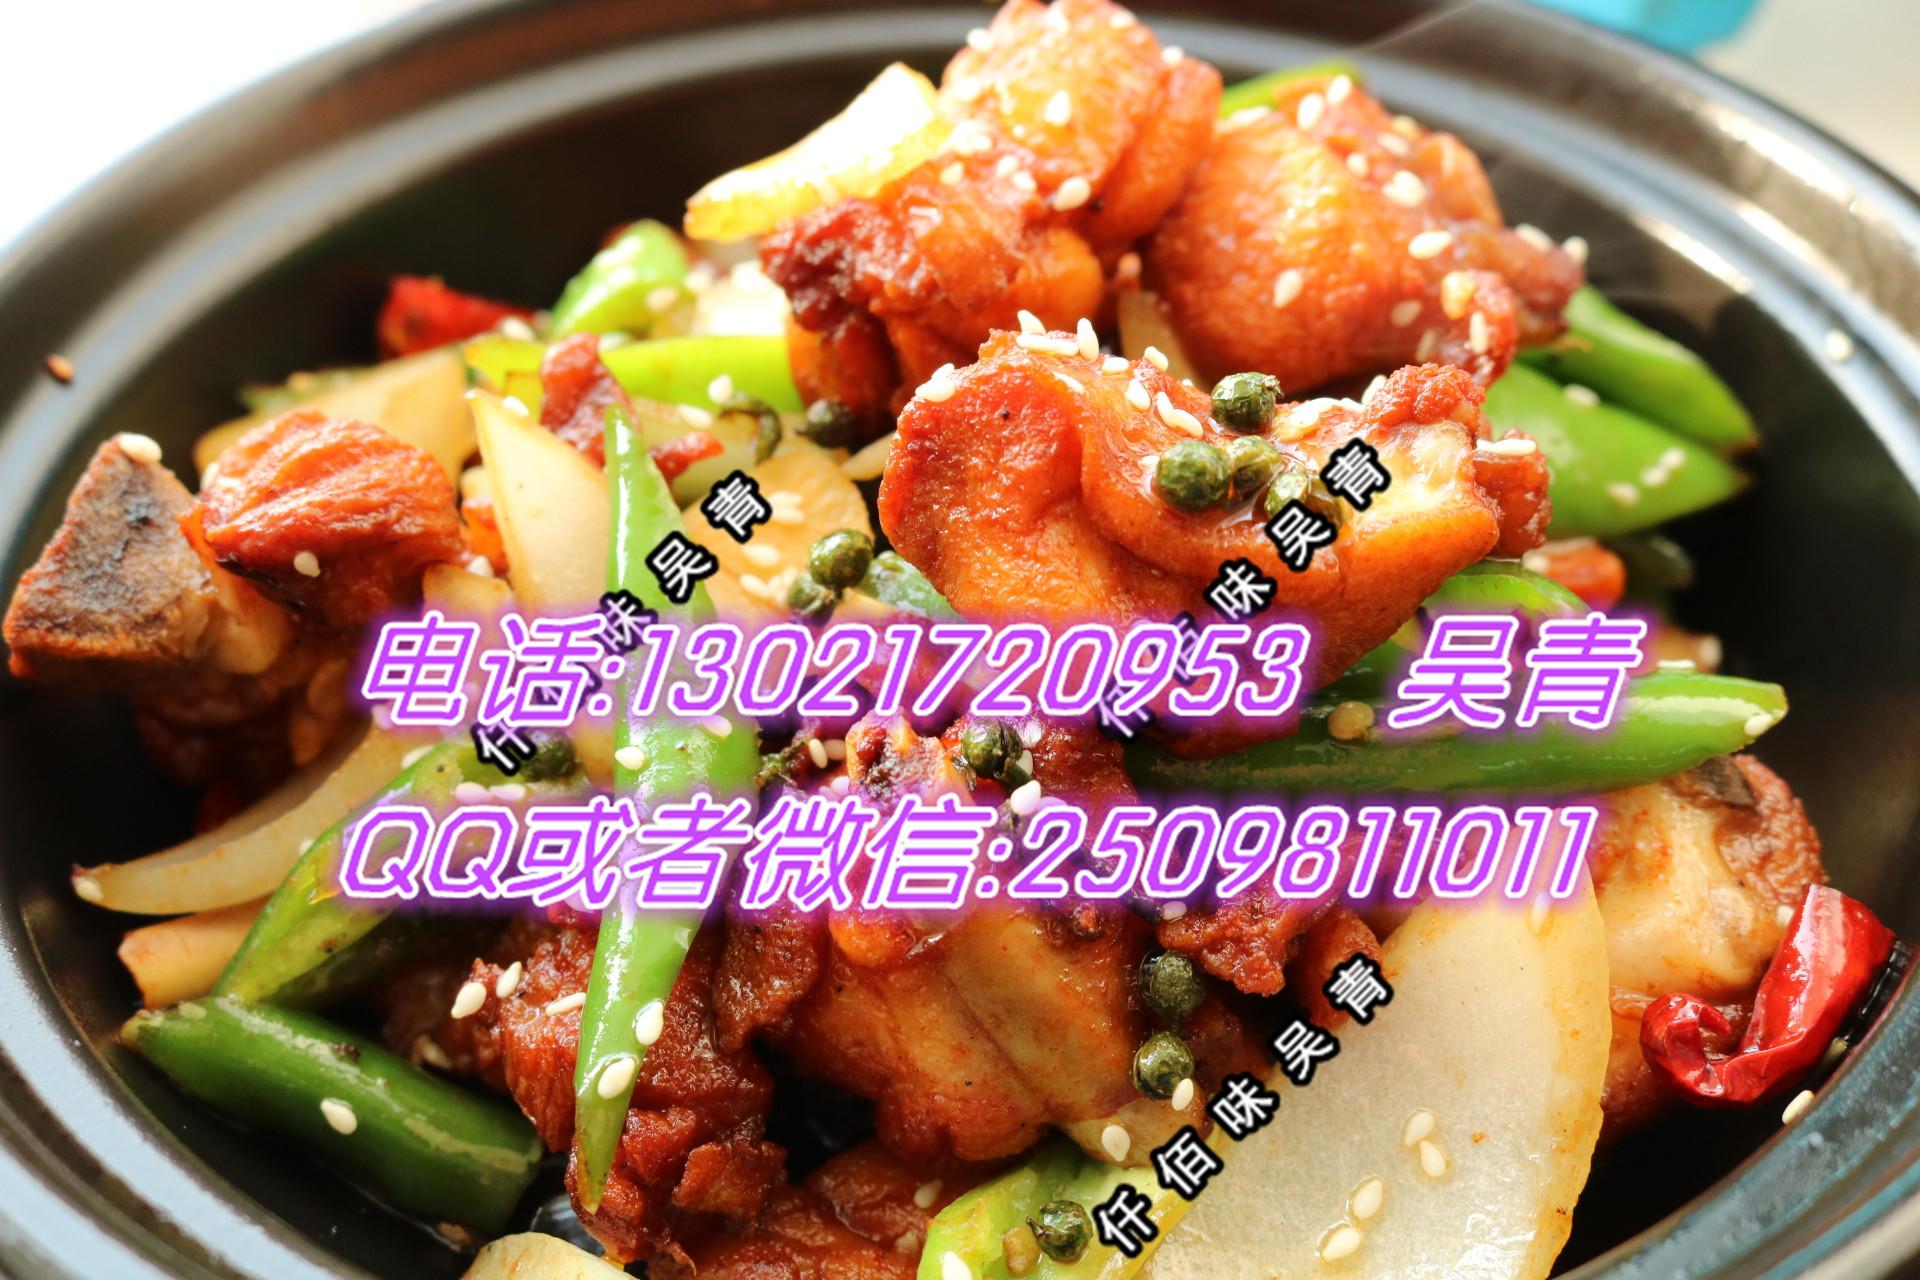 瓦香鸡豆腐核心技术配方转让加盟费多少钱学酱料